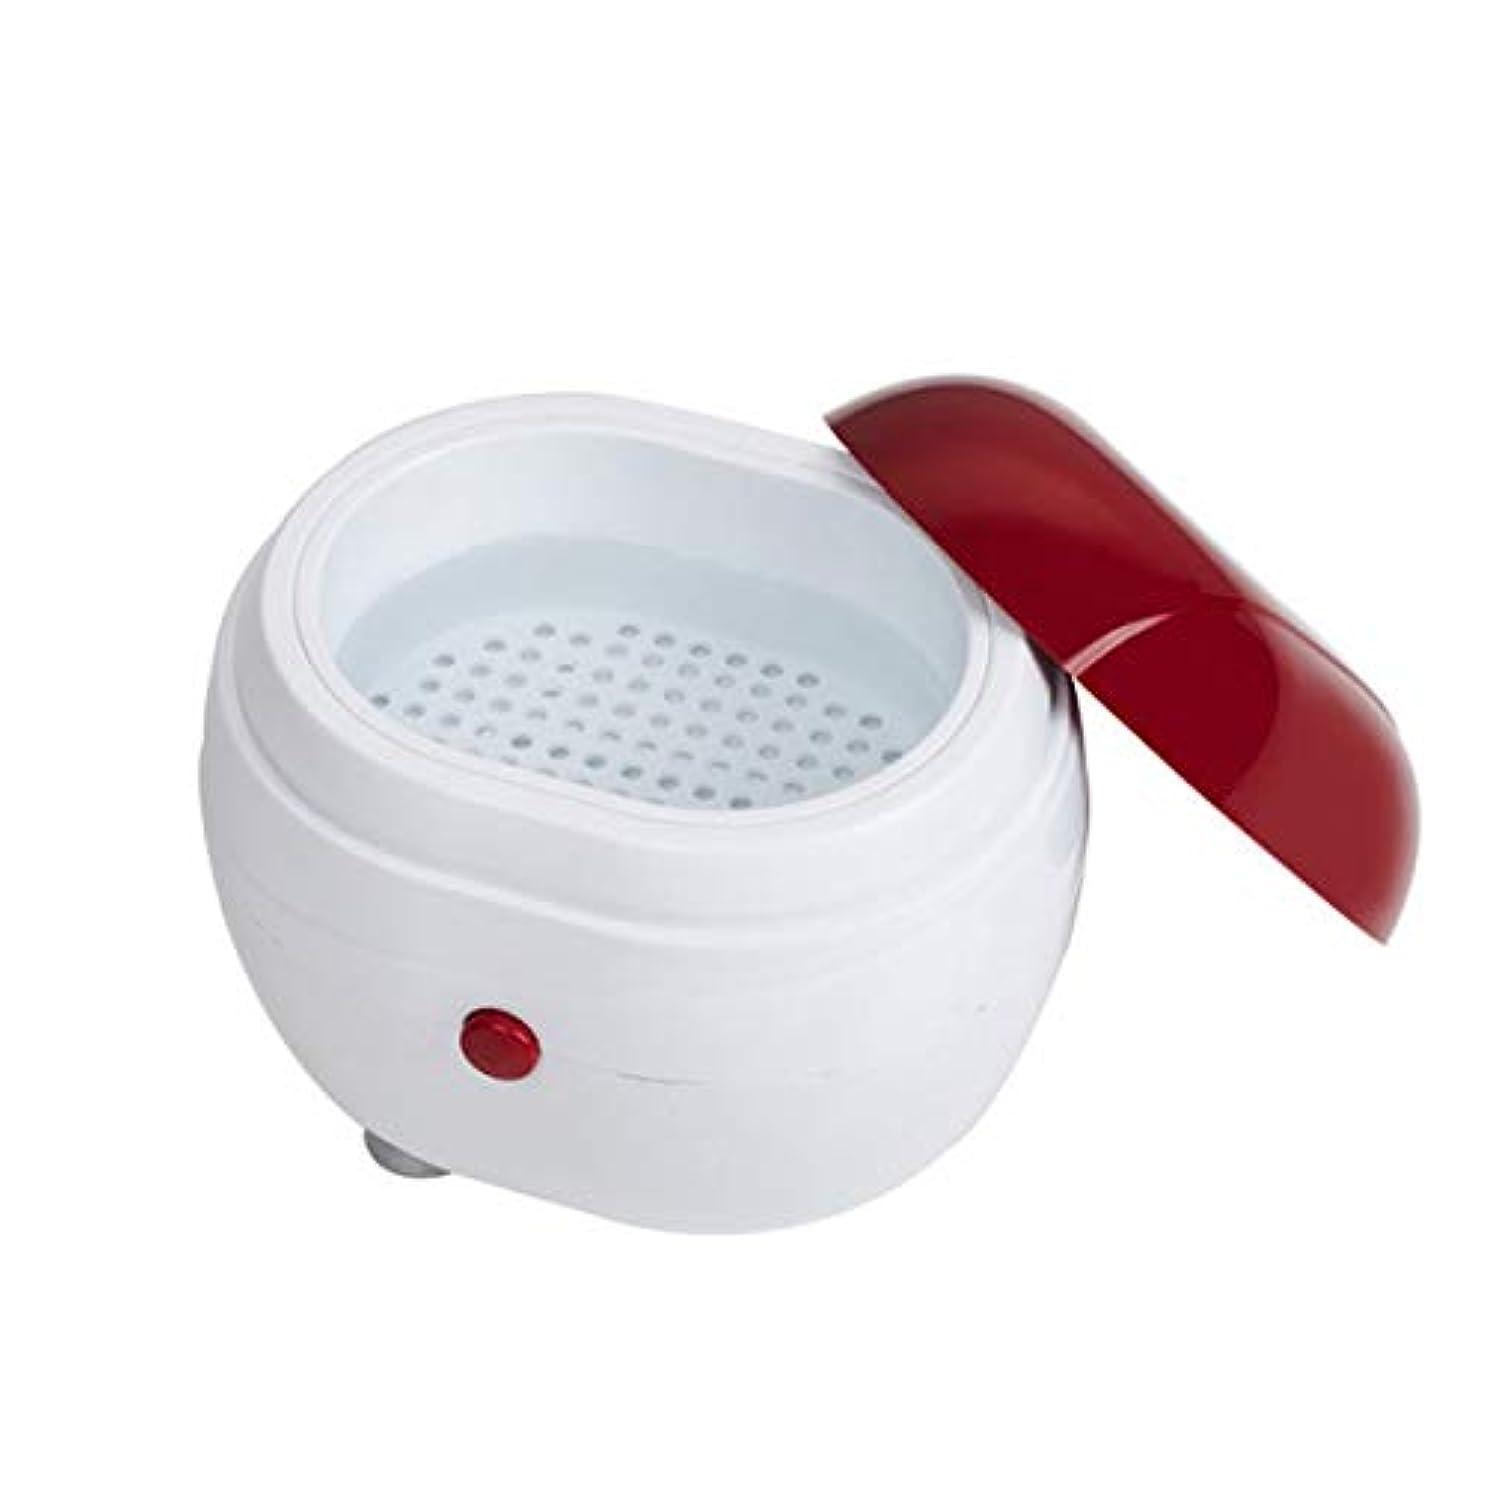 再び切る吐くKongqiabonaポータブルミニ超音波洗濯機ジュエリーレンズ義歯クリーナーボックス